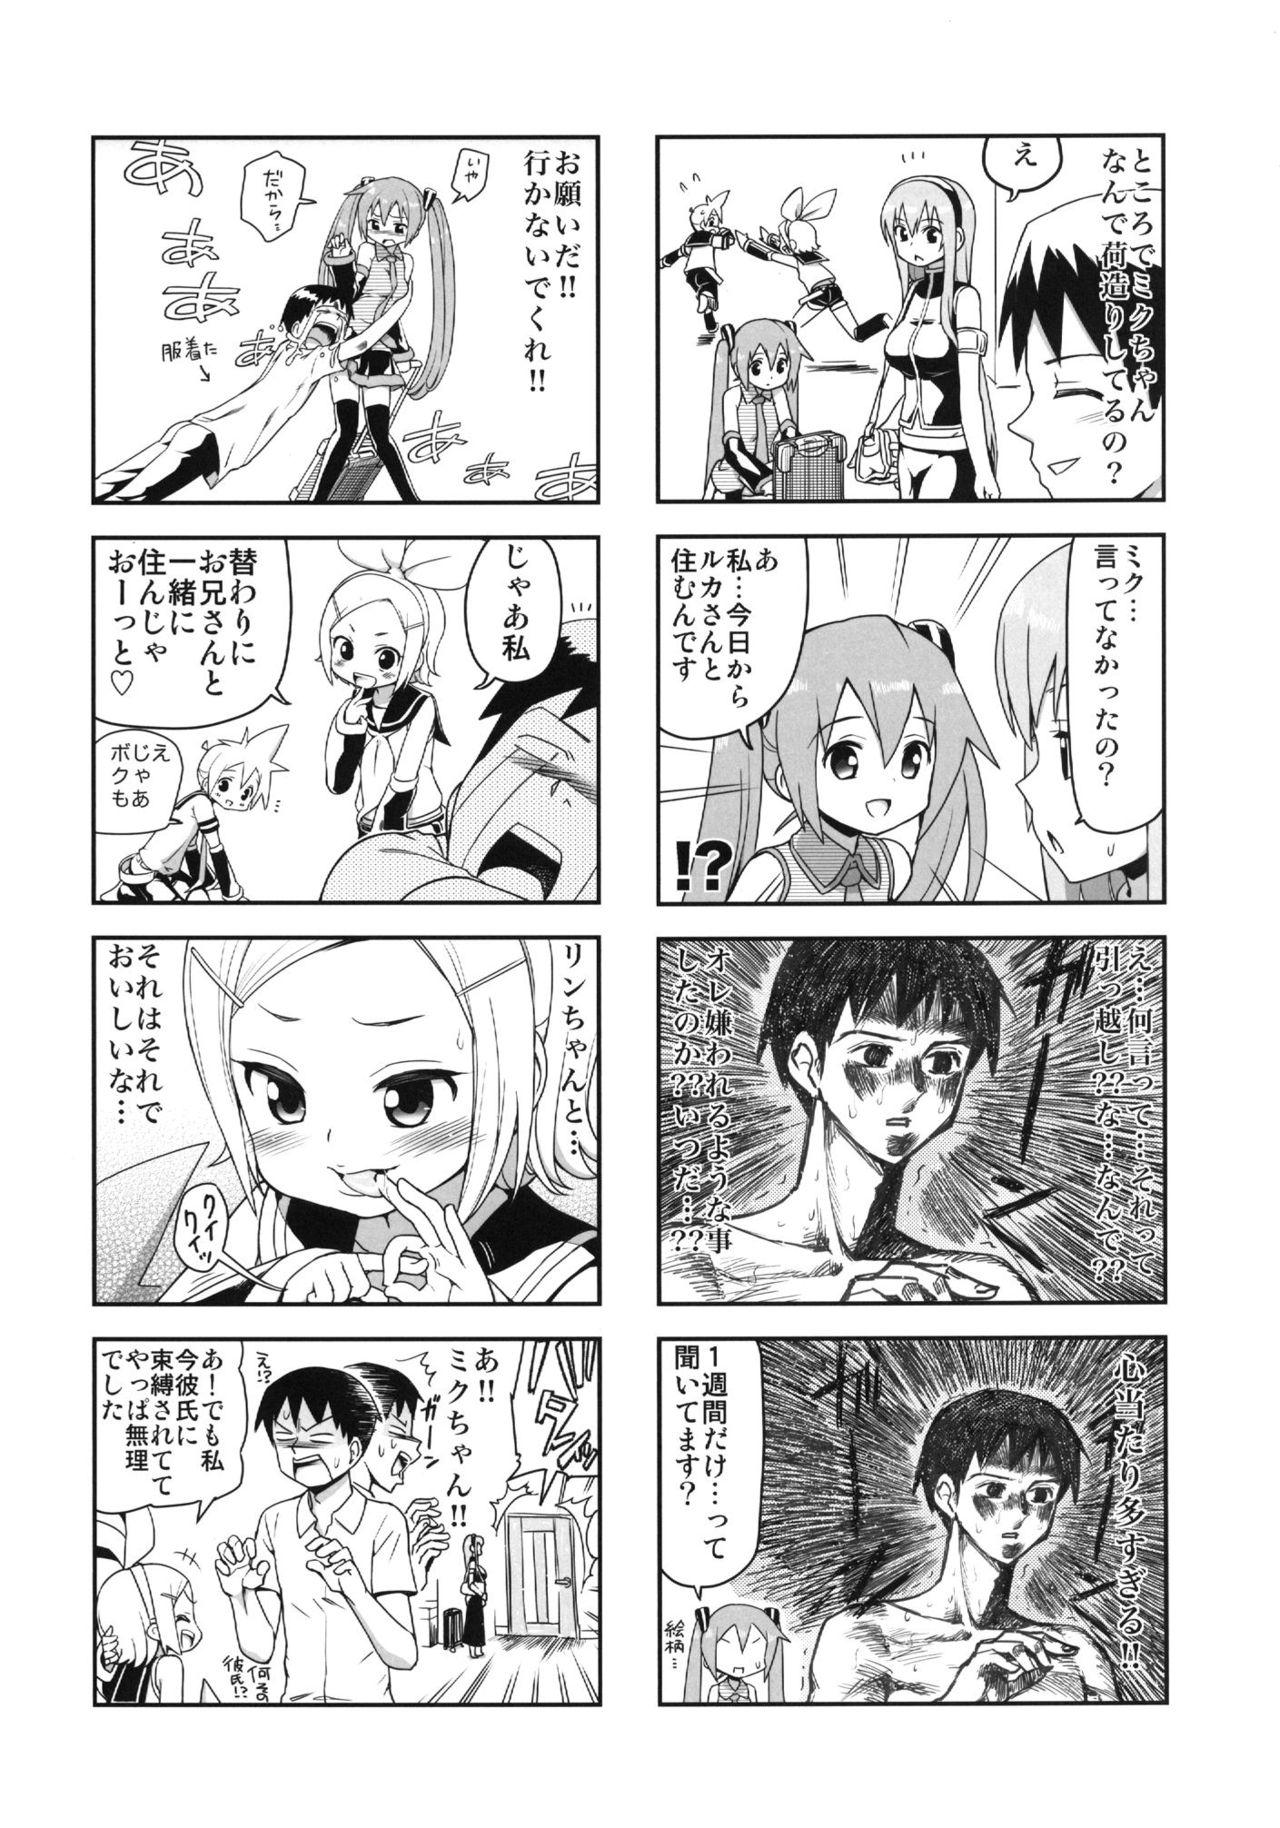 Mikkumiku na Hannou volume. 5 8